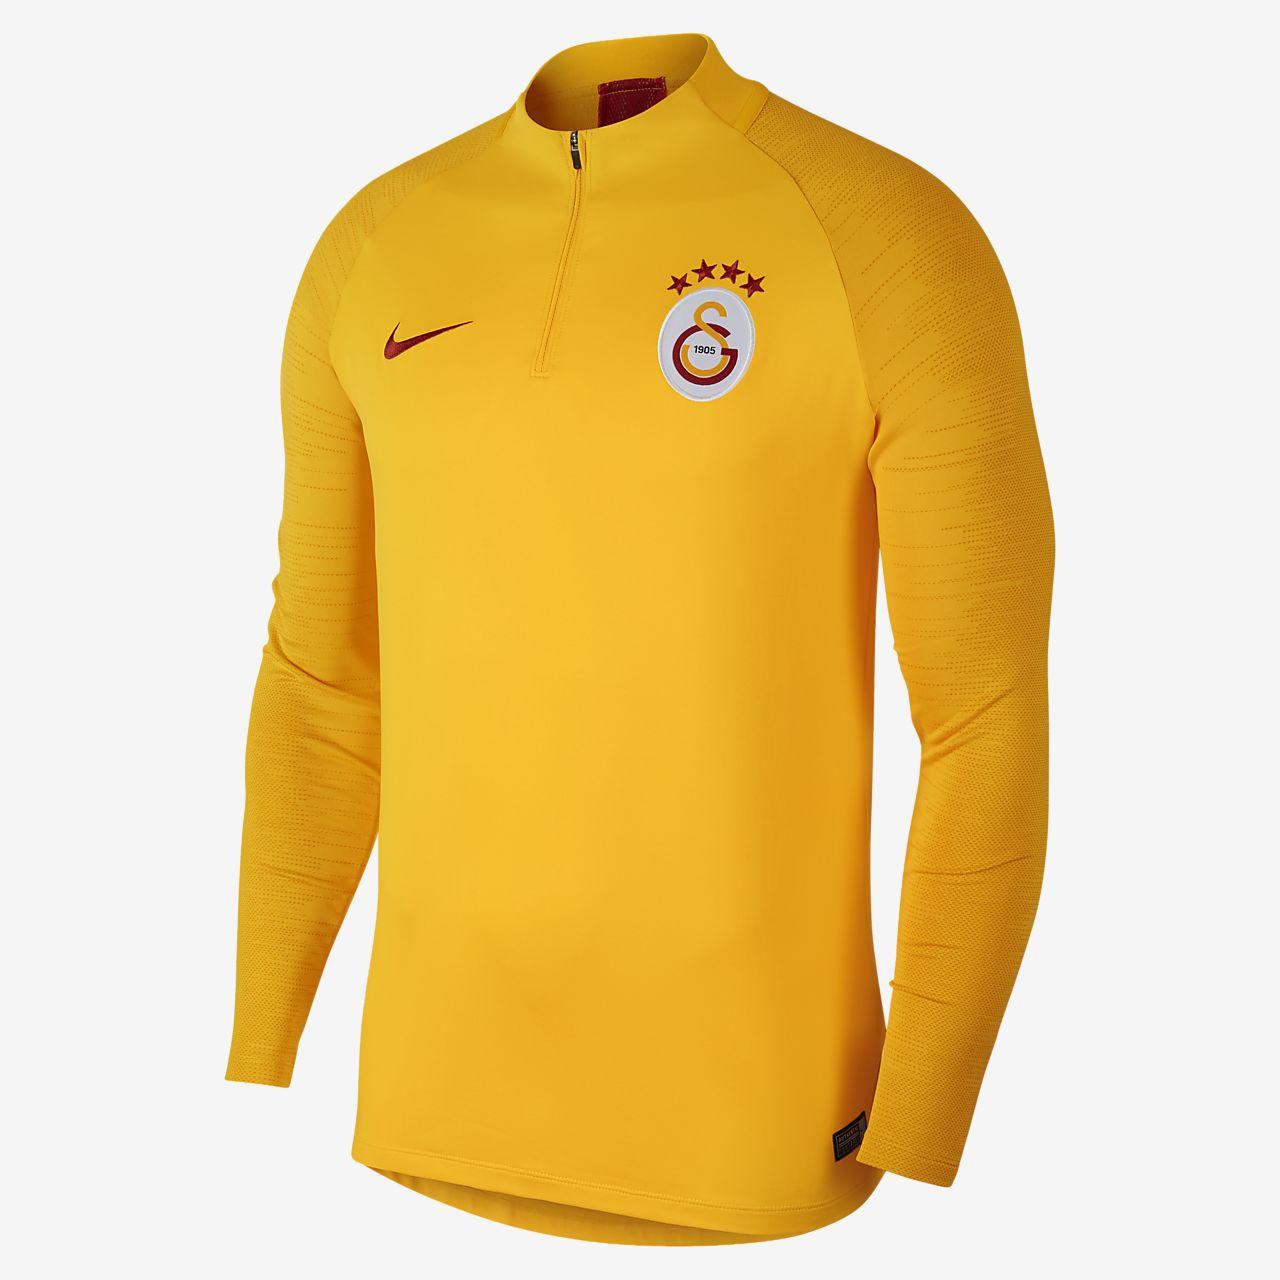 Haut d'entraînement de football Nike Dri-FIT Galatasaray Strike pour Homme